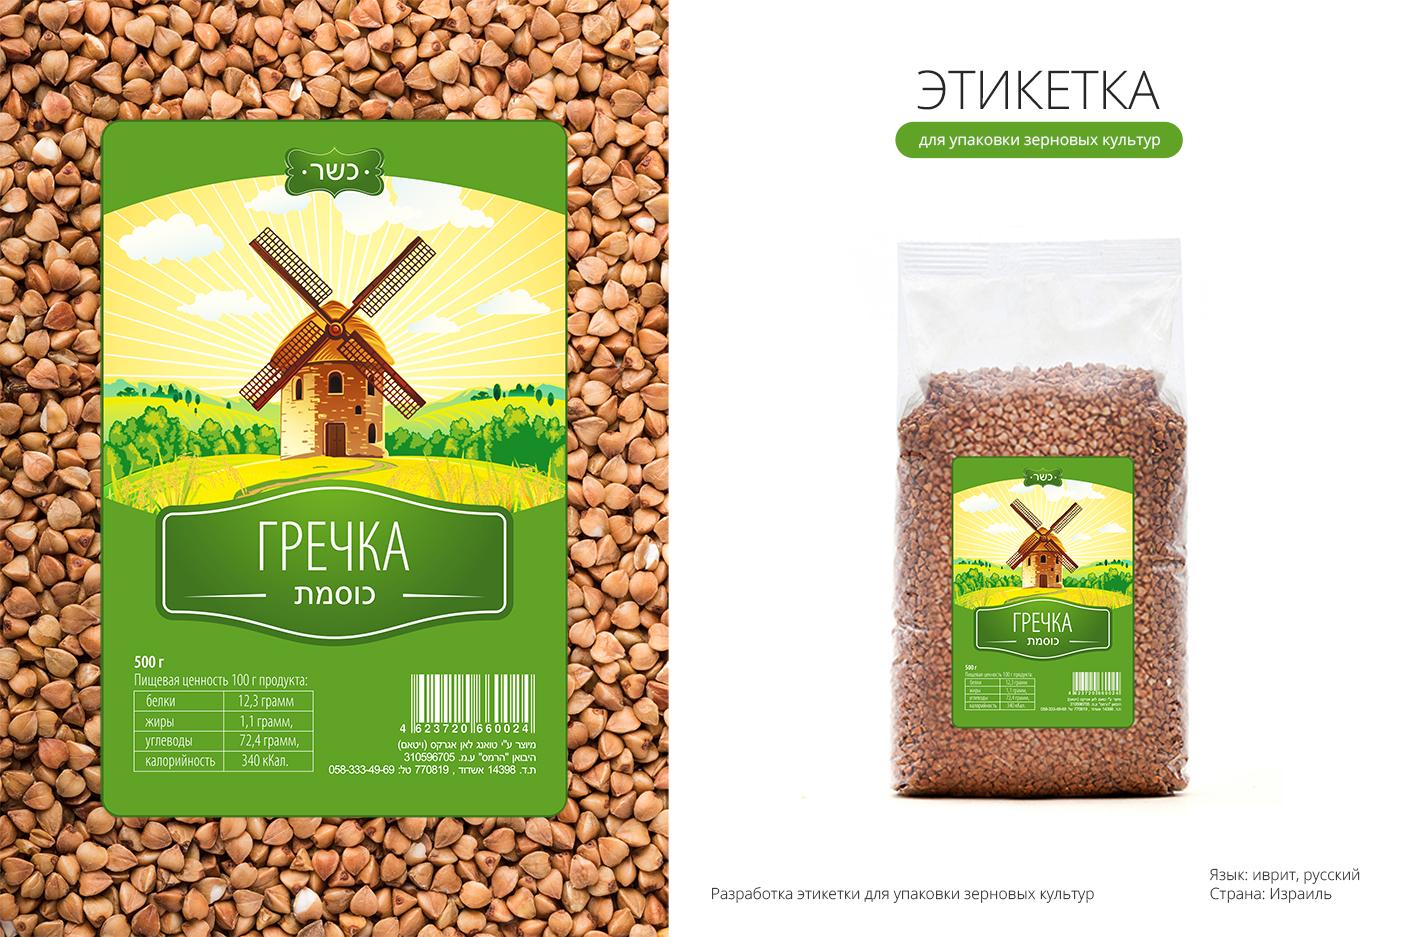 Этикетка для упаковки зерновых культур